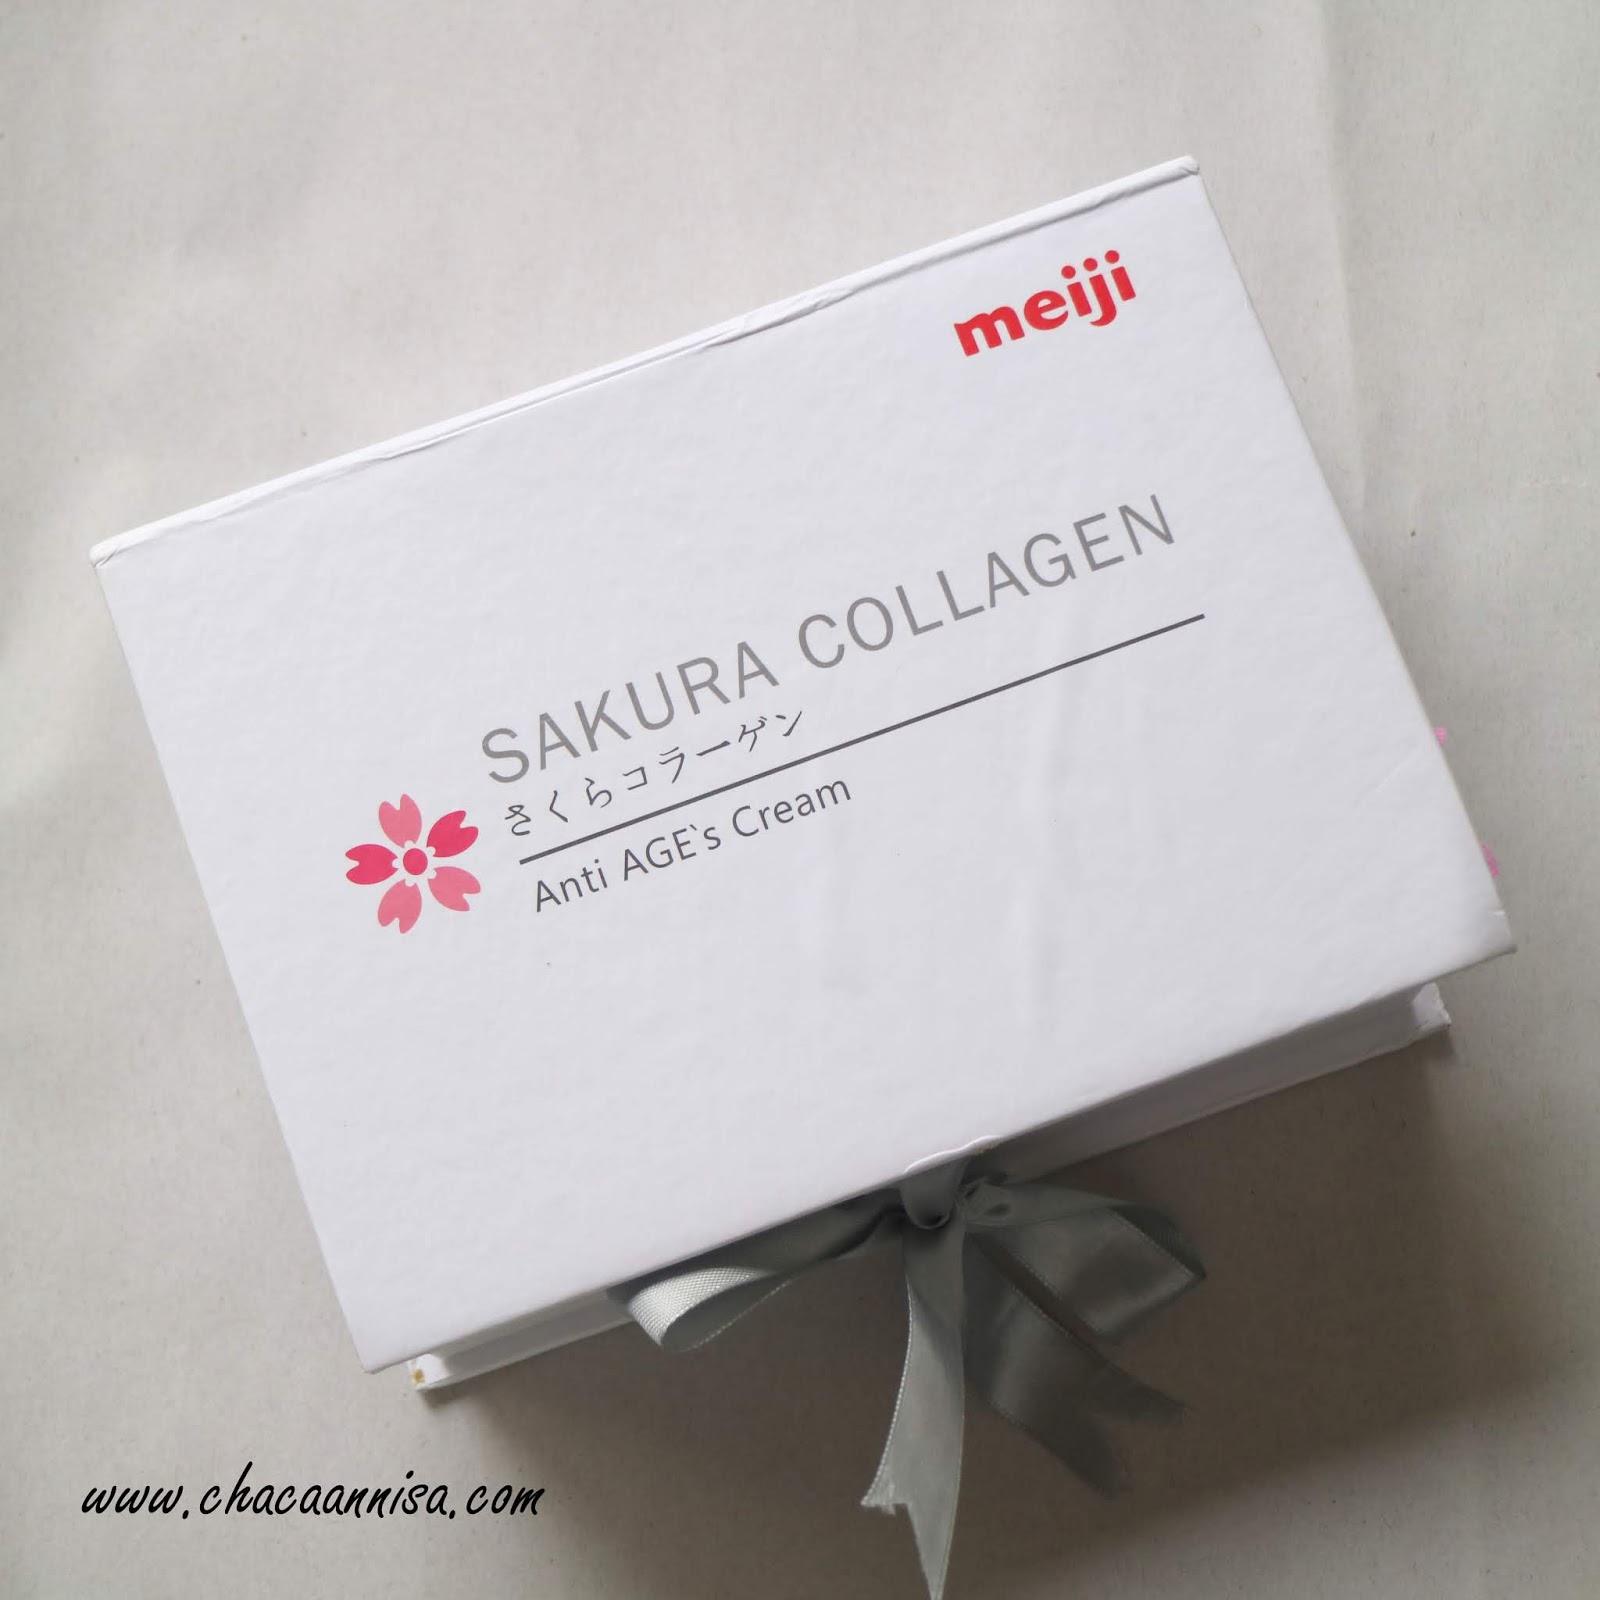 [REVIEW] Menjaga Elastisitas Kulit Dengan Sakura Collagen